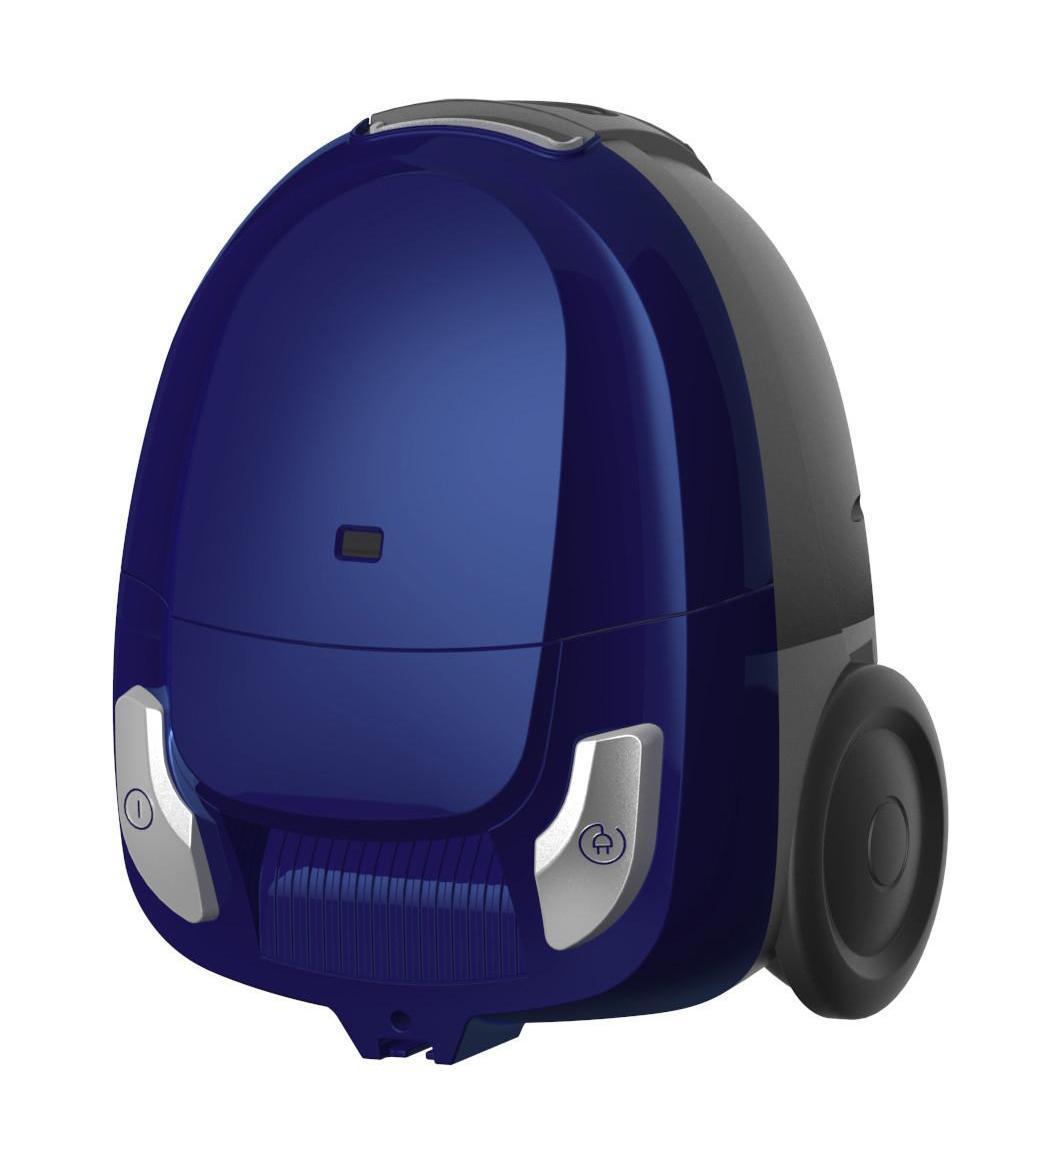 Midea VCB33A2 пылесосСB 947 CB GrayMidea VCB33A2 - мощный пылесос с мешком для сбора пыли, который отлично справится с сухой уборкой в доме. Данная модель имеет возможность ножного переключения на корпусе, функцию автосматывания сетевого шнура. Устройство оснащено комбинированной трубой всасывания. Midea VCB33A2 обладает стильным дизайном и поразительной маневренностью, что делает его прекрасным помощником в домашних хлопотах.